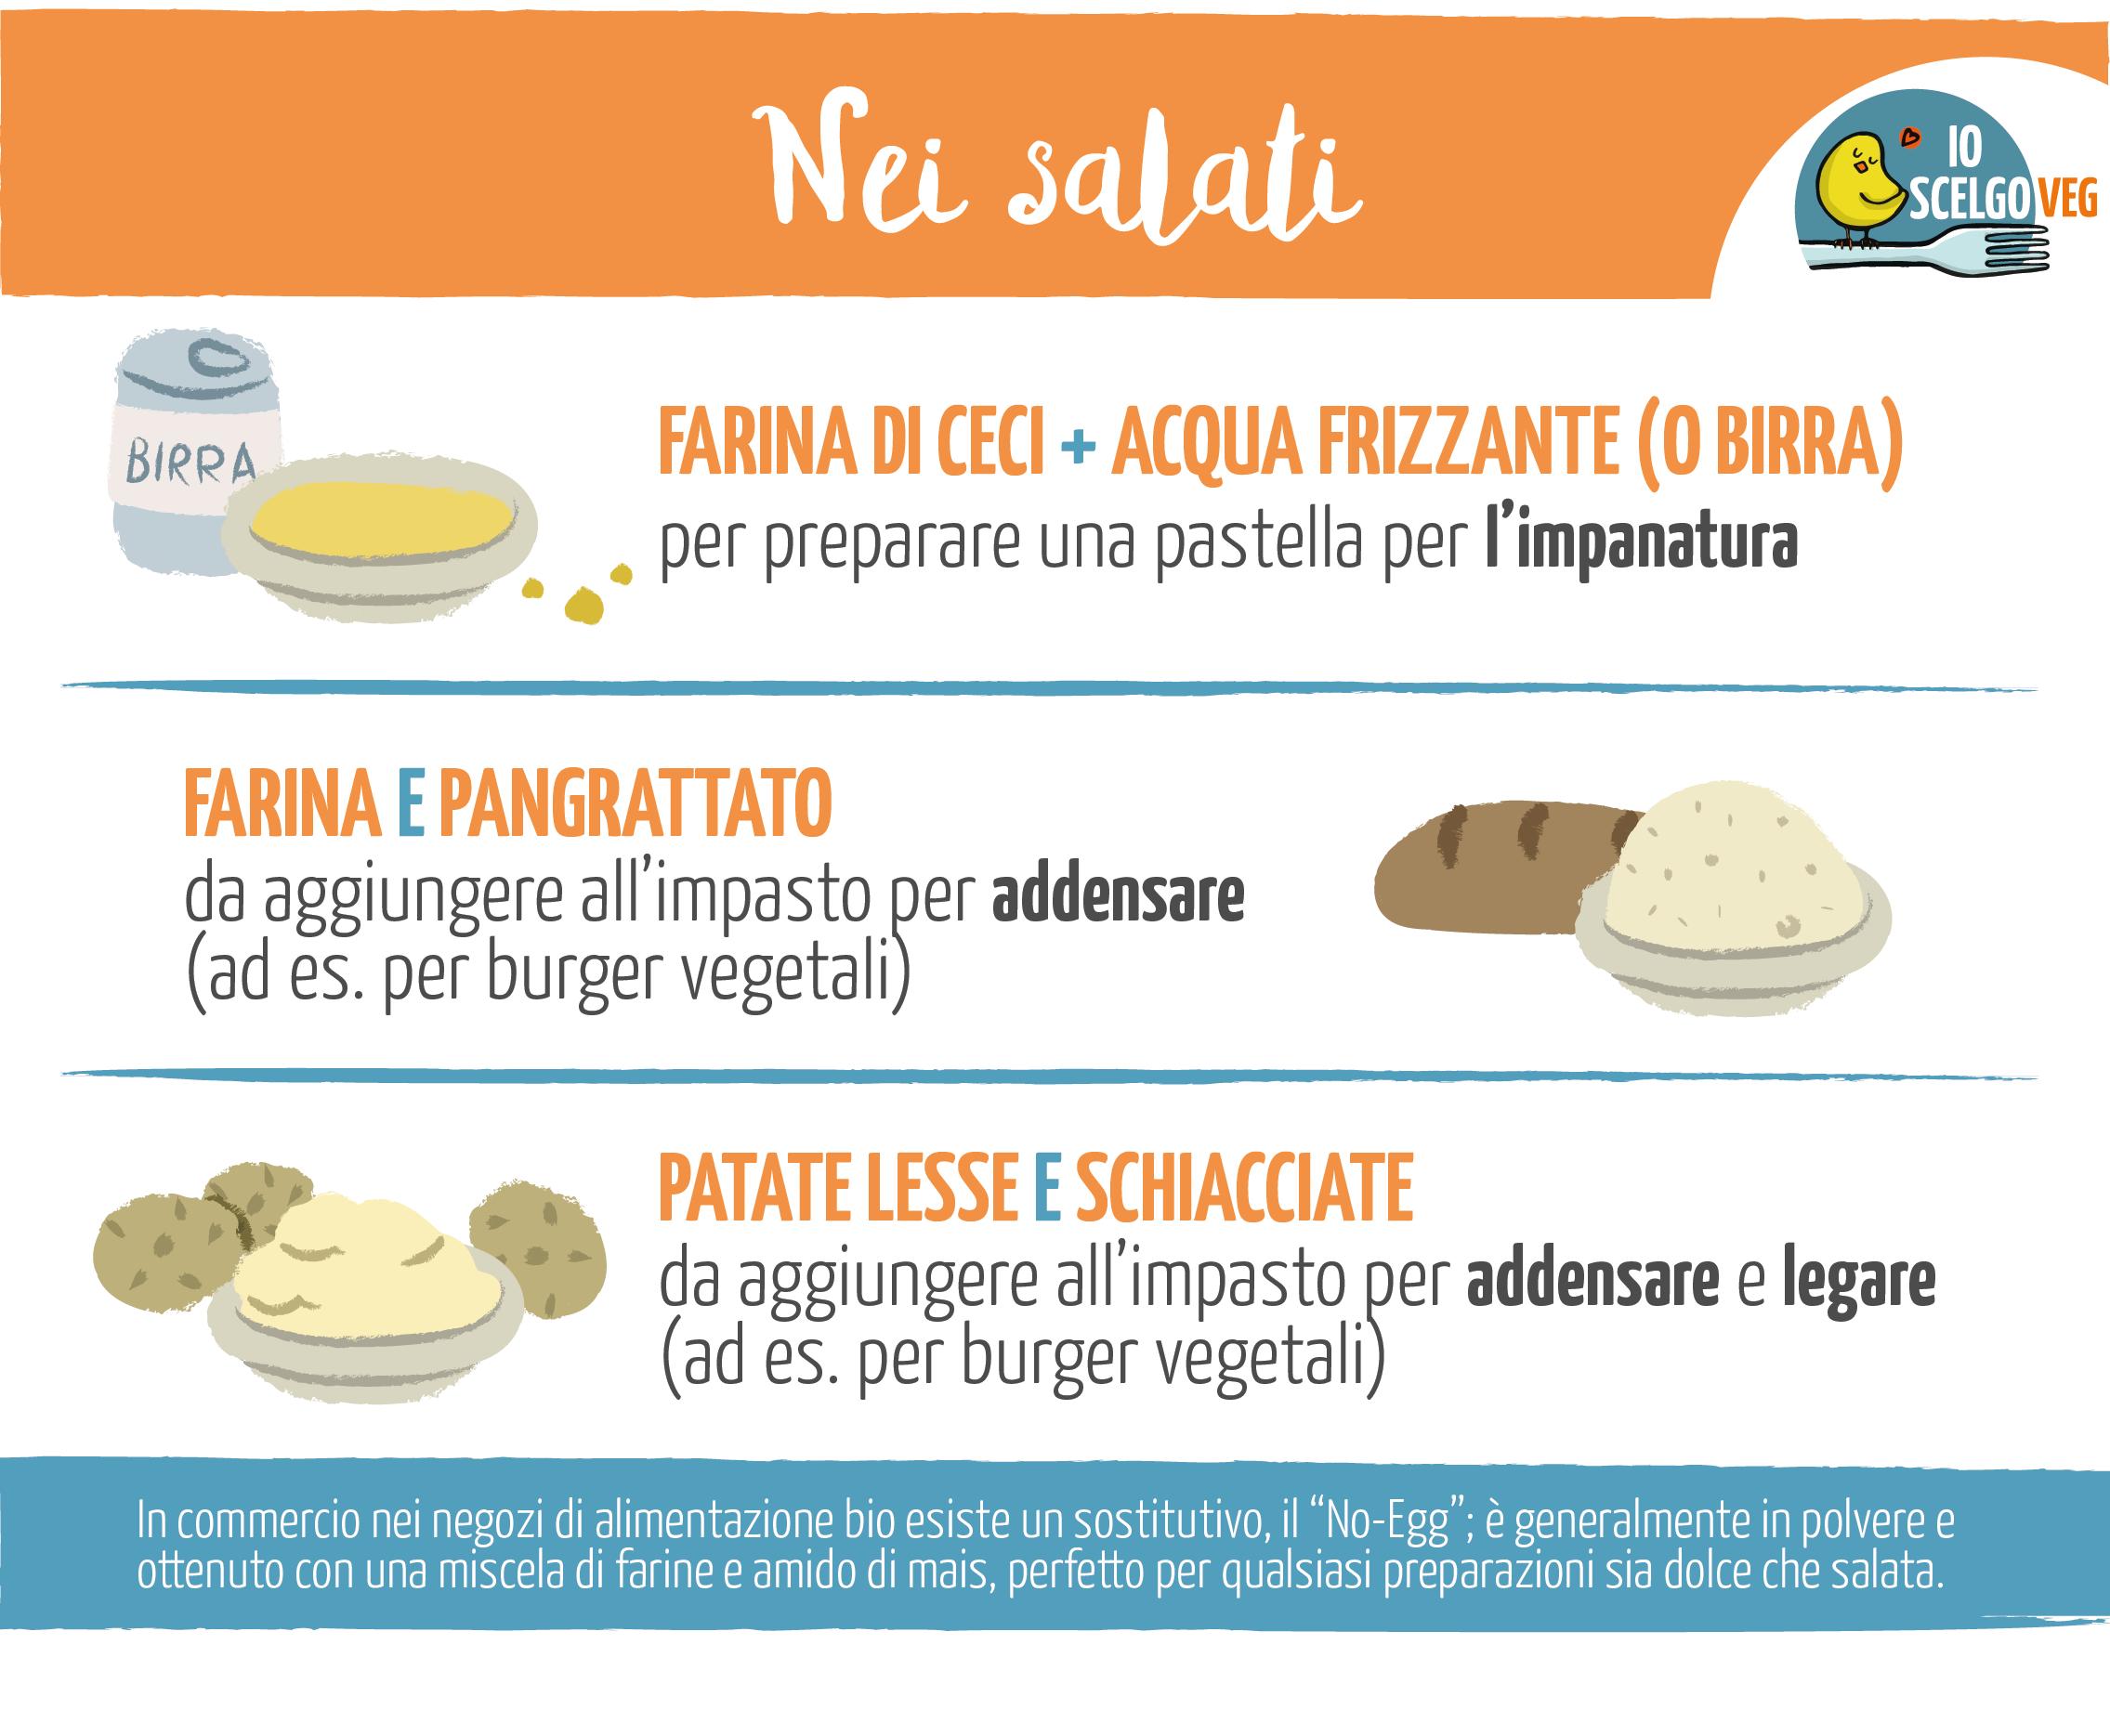 guida per sostituire uova in piatti salati dieta vegana